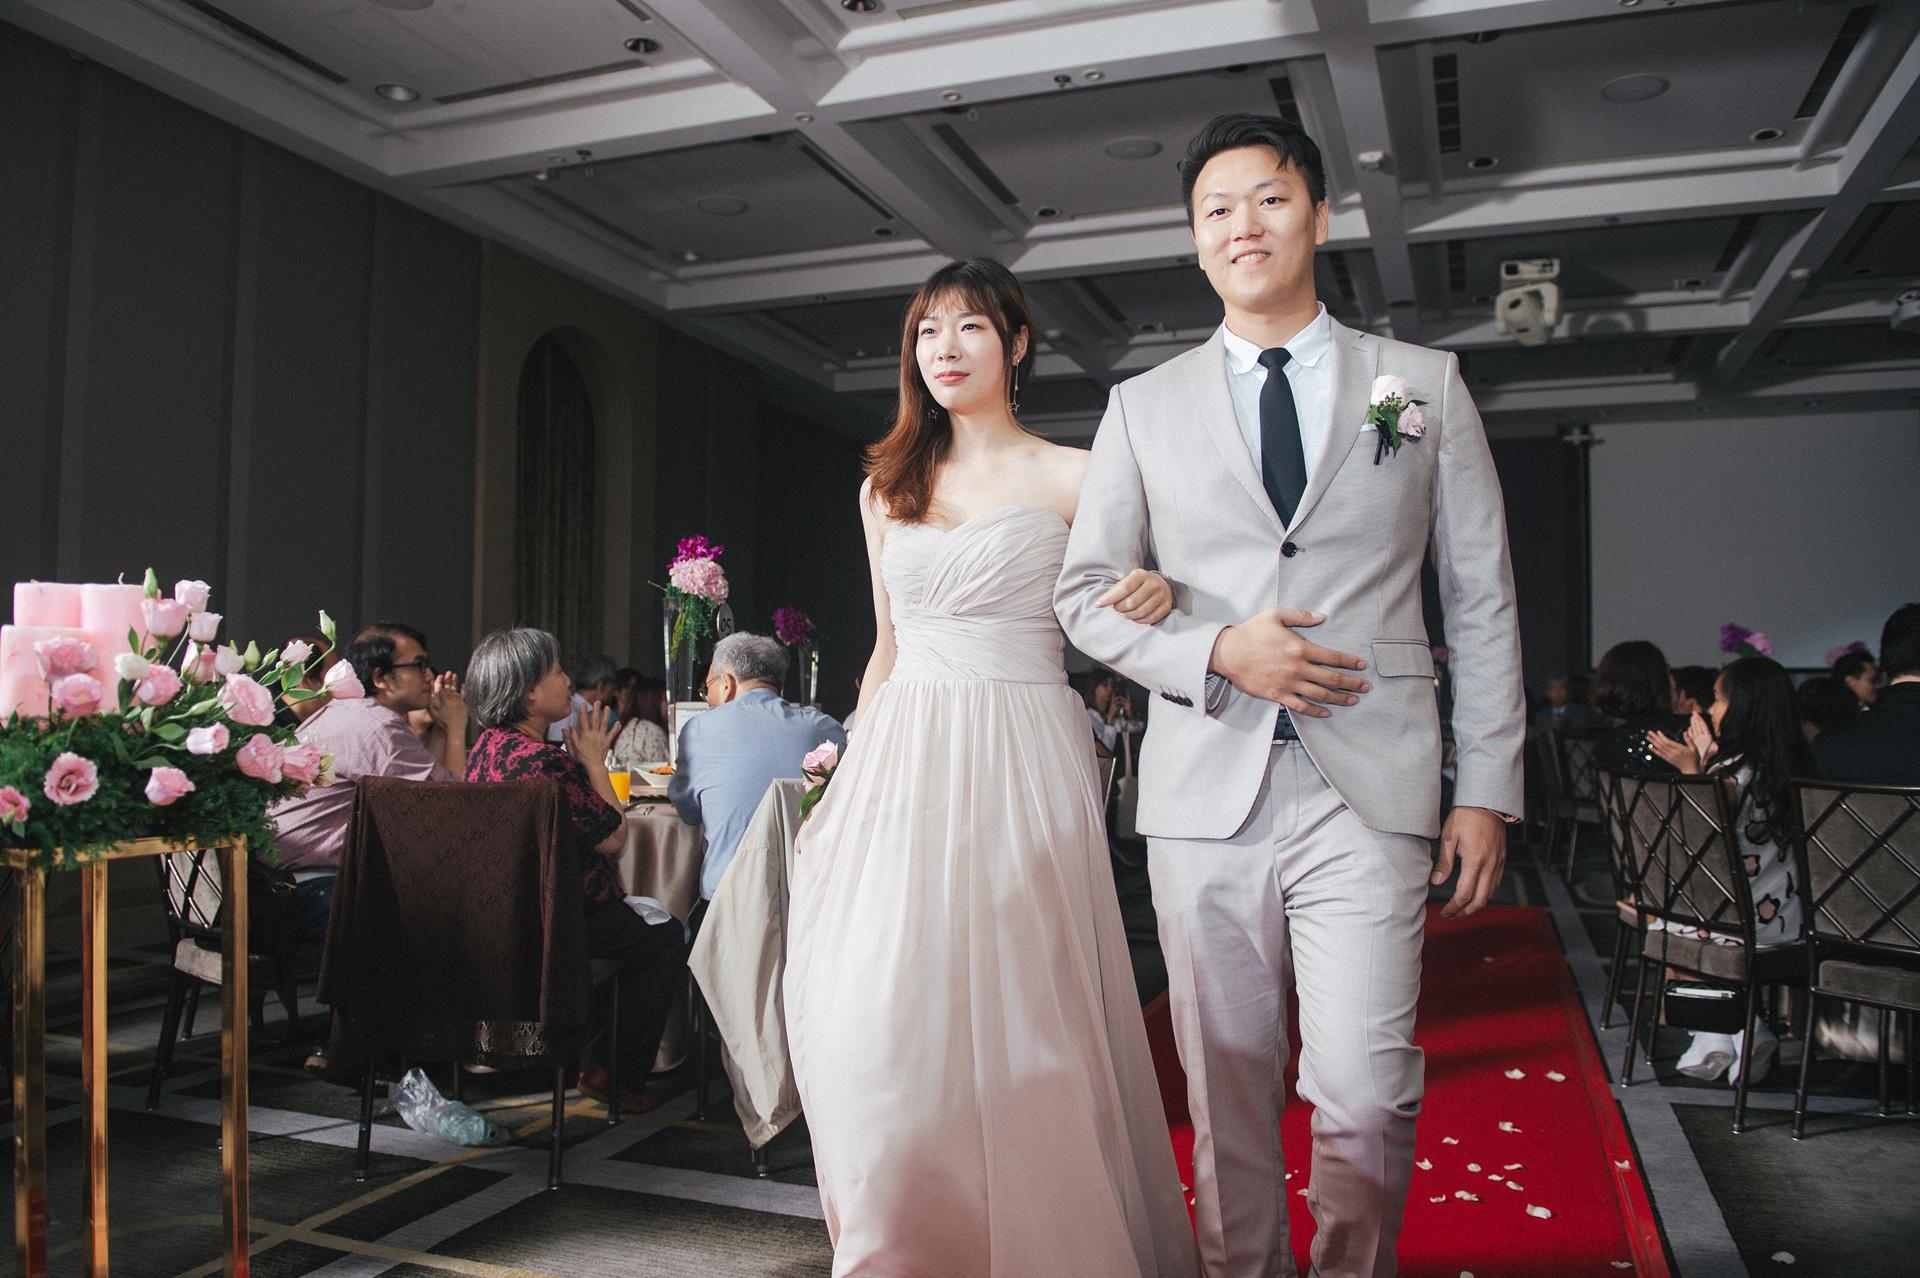 [婚禮紀錄-Fountain] 2019.9.28-台北萬豪酒店